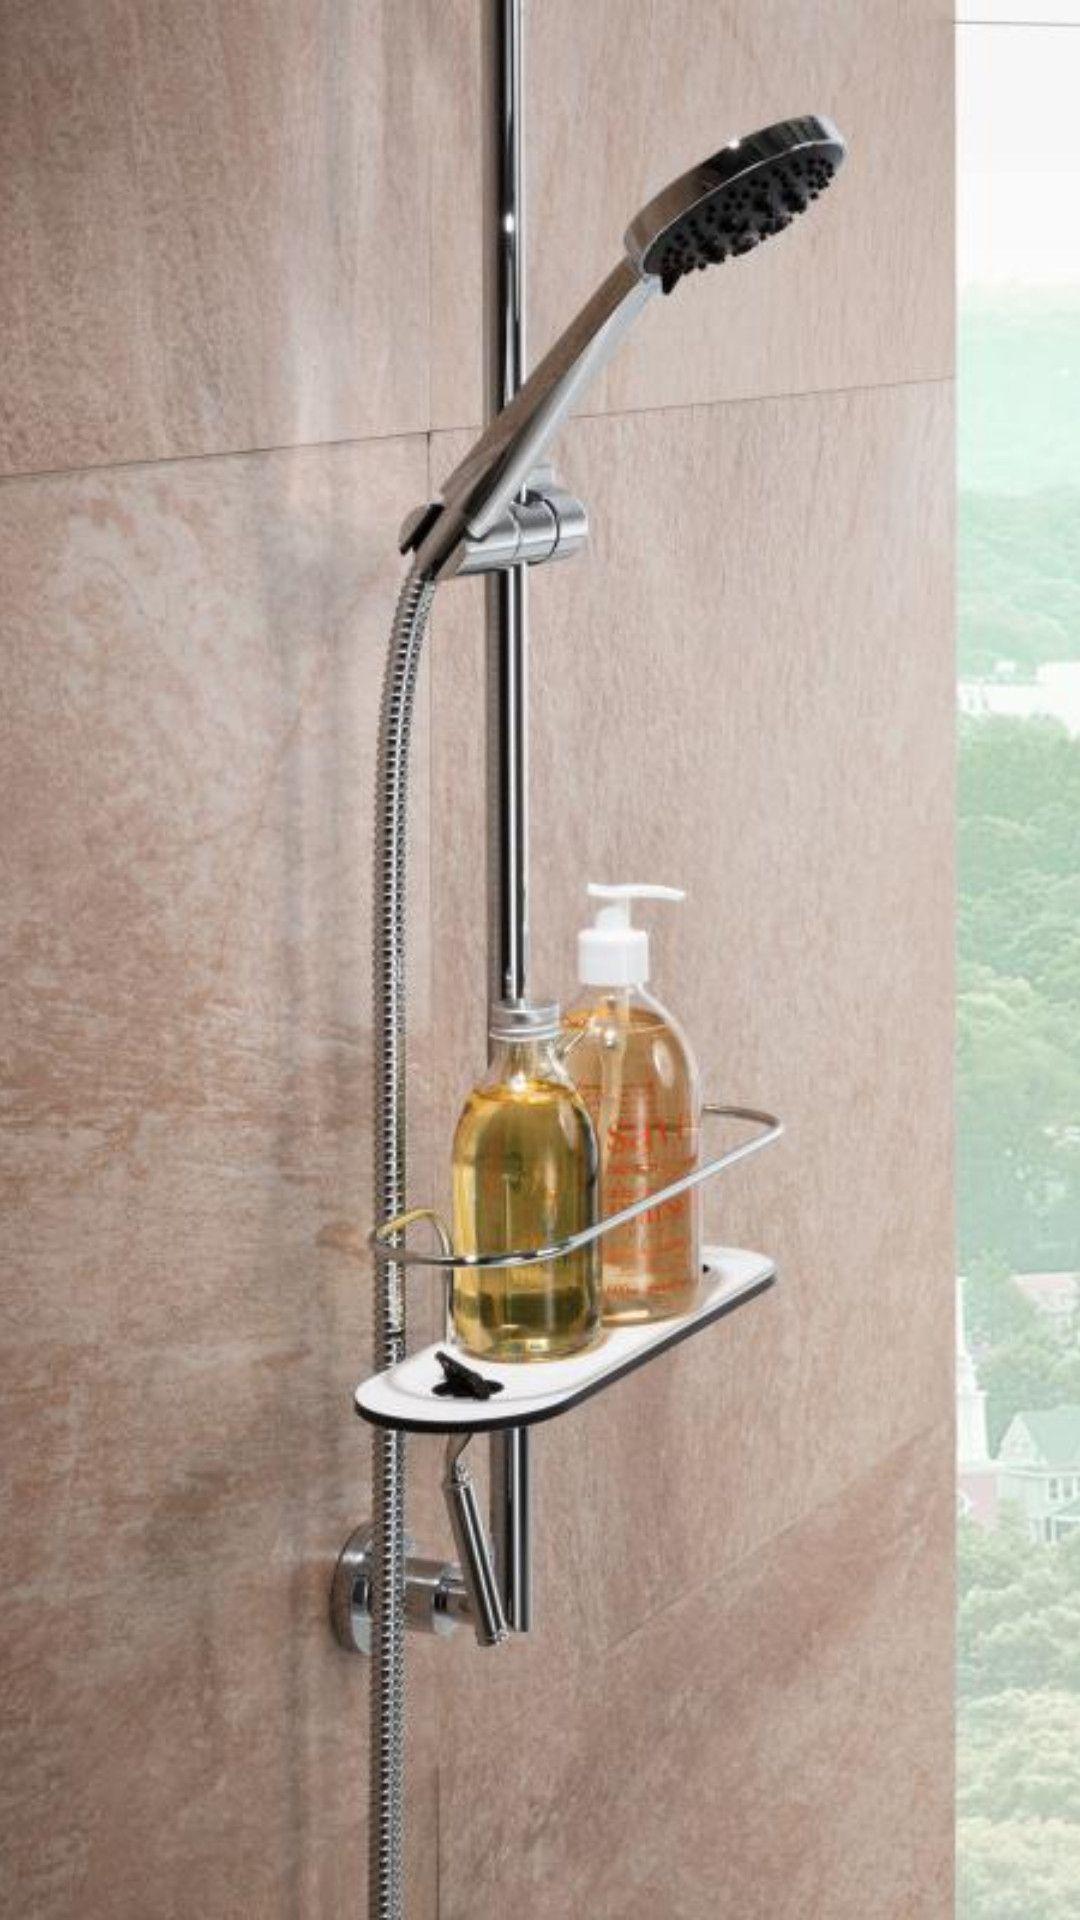 Giese Duschkorb 40600 02 Ablage Dusche Duschkorb Dusche